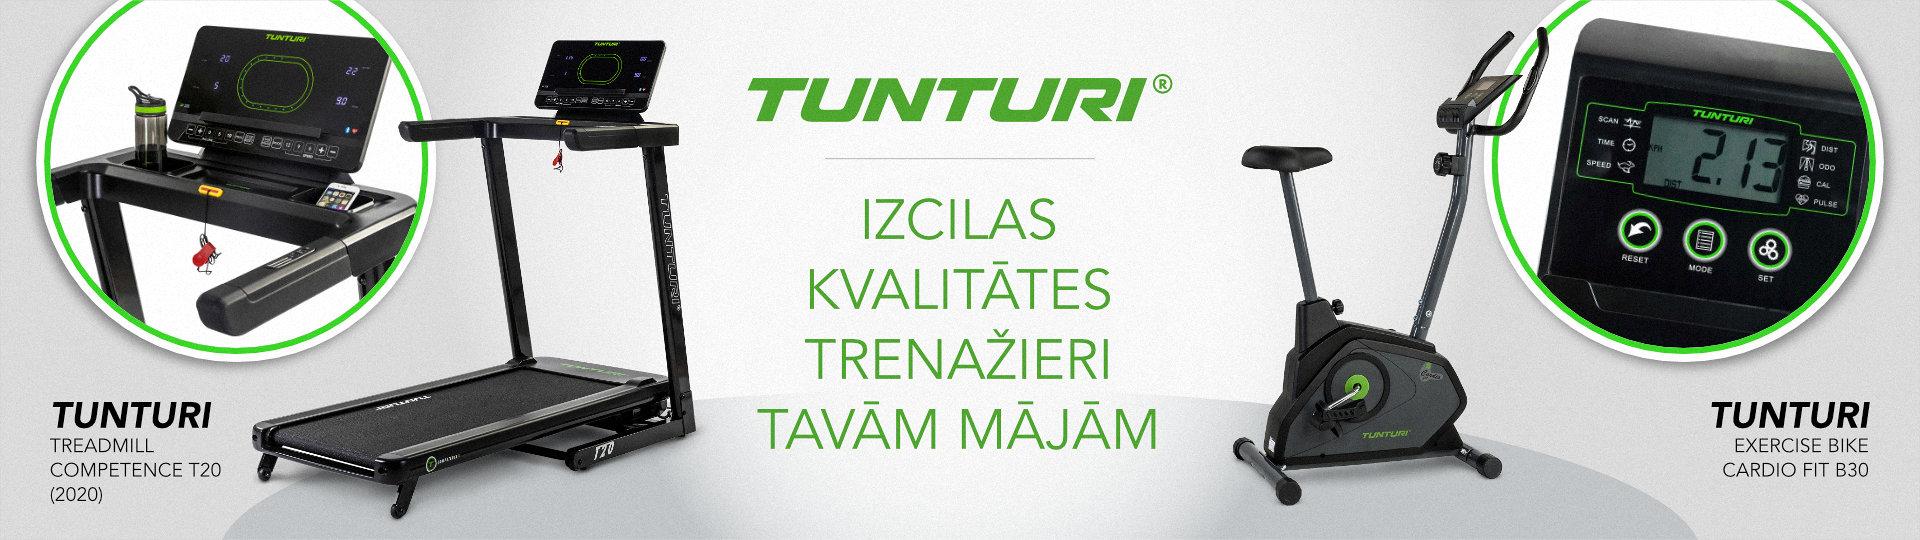 Tunturi_Slīdrade